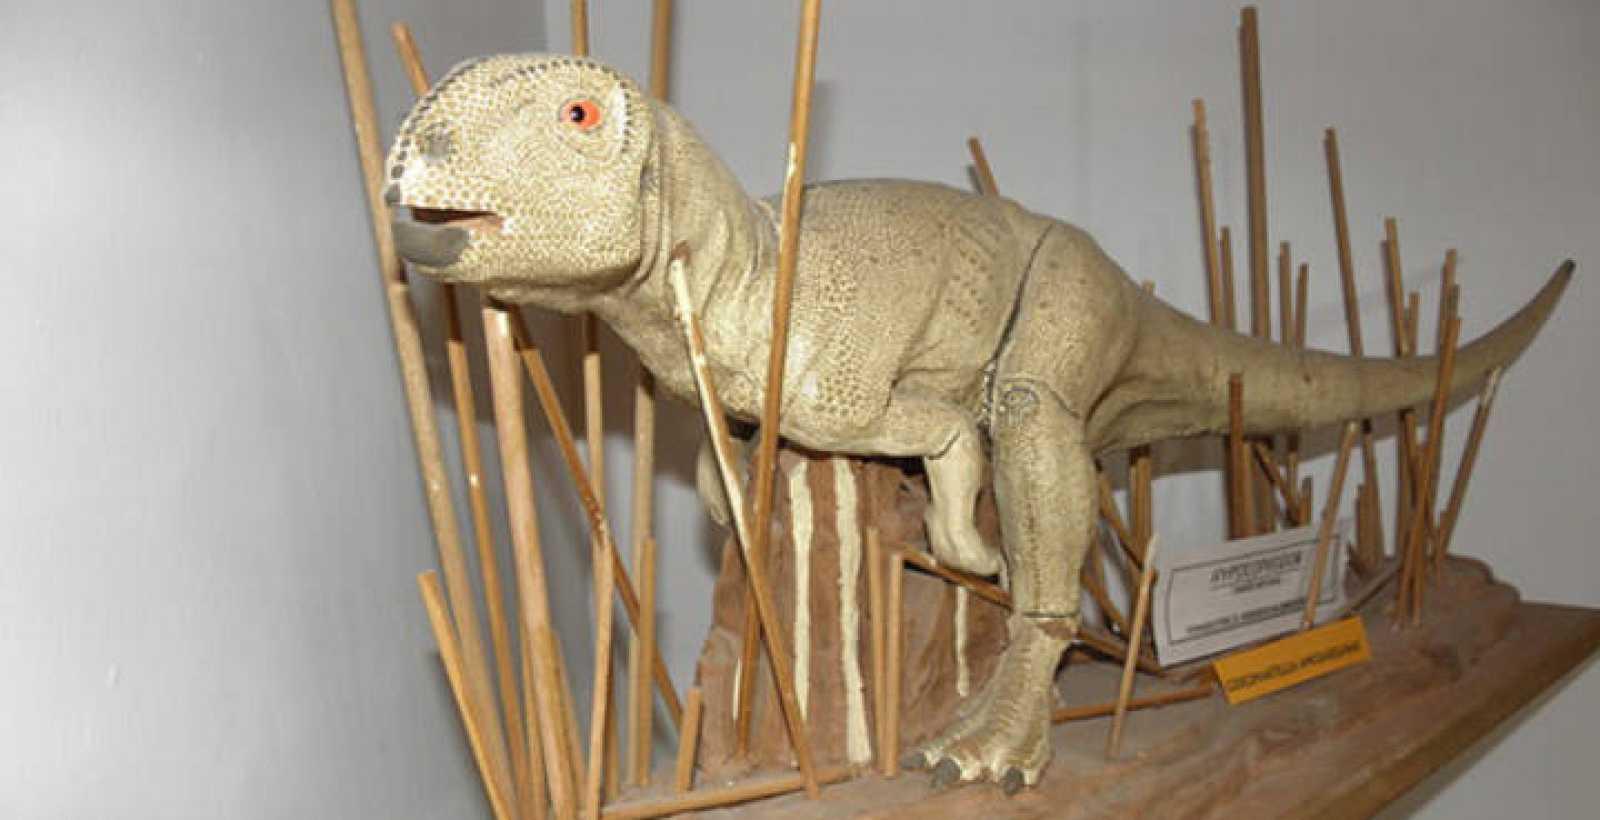 Reconstrucción del dinosaurio hallado en el yacimiento paleontológico de Galve (Teruel) y que vivió hace 130 millones de años